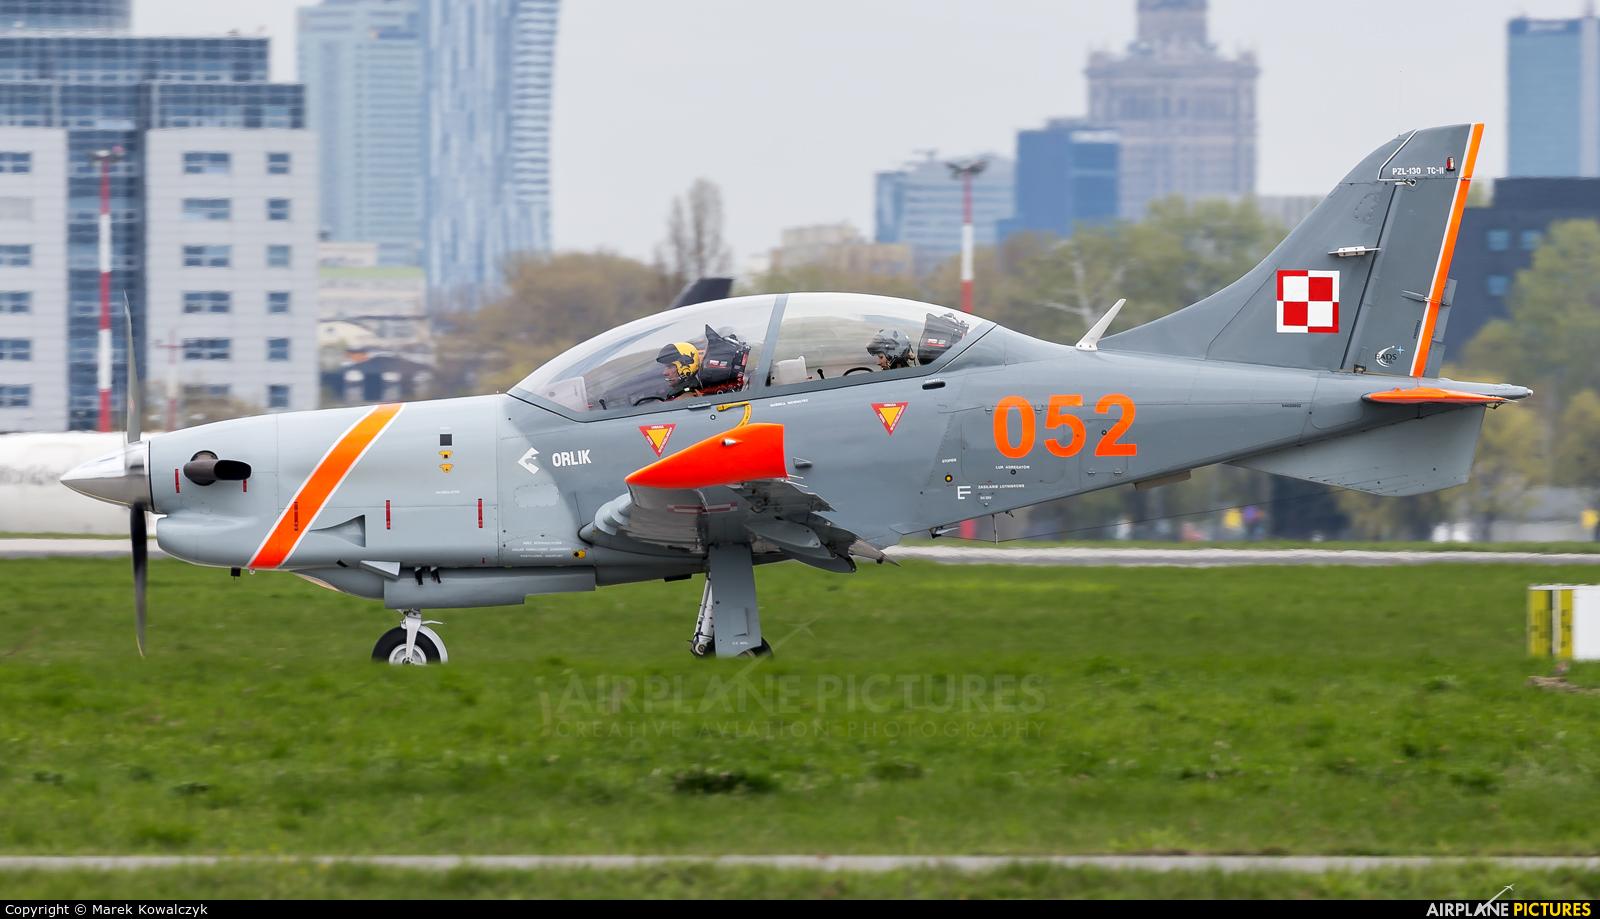 Poland - Air Force 052 aircraft at Warsaw - Frederic Chopin